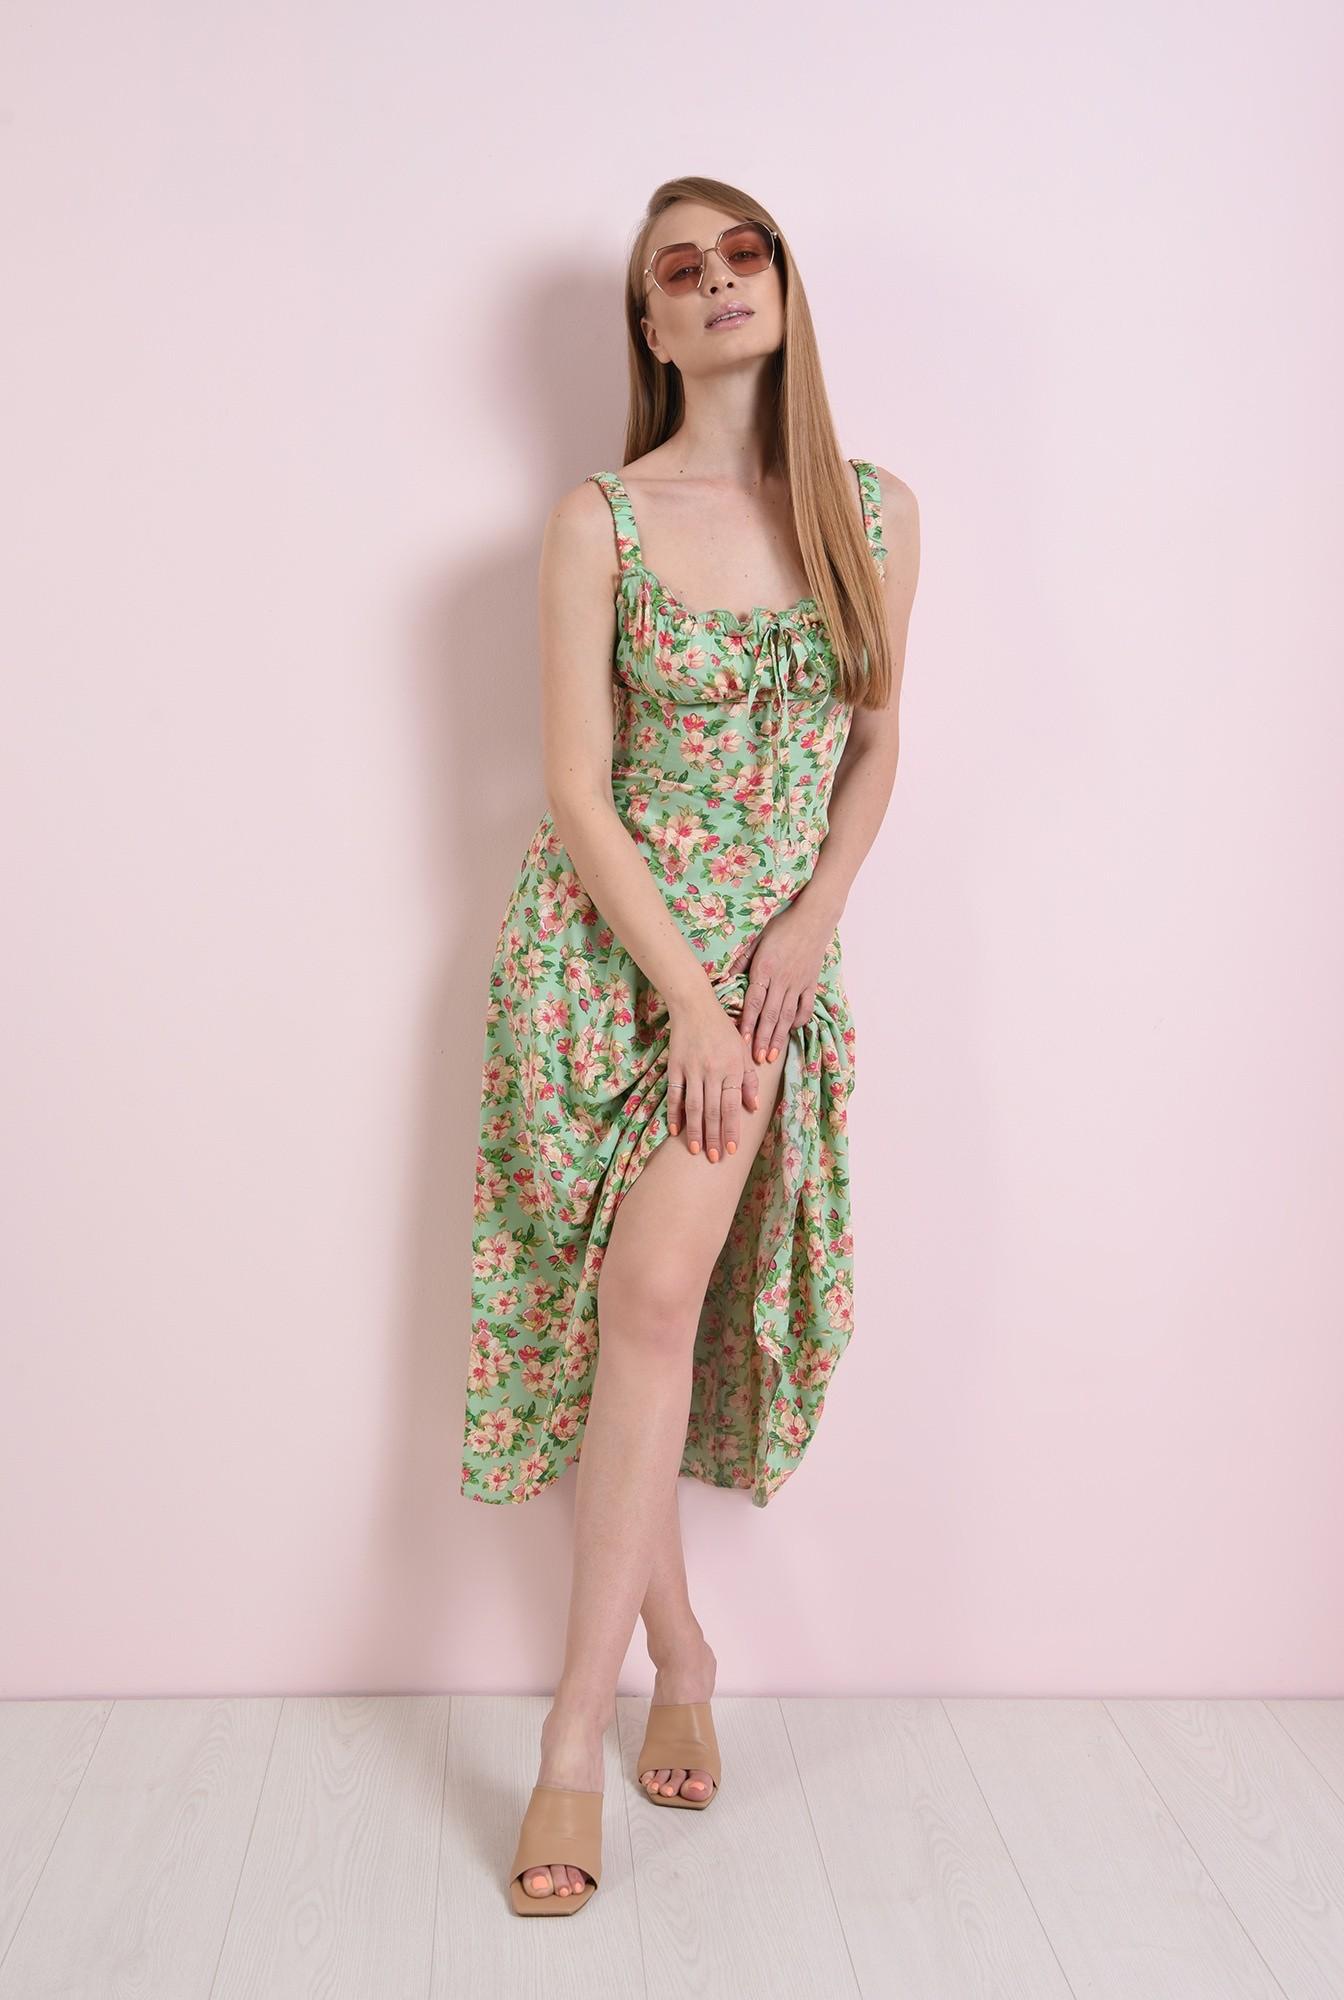 0 - rochie casual, cu motive florale, cu decolteu incretit